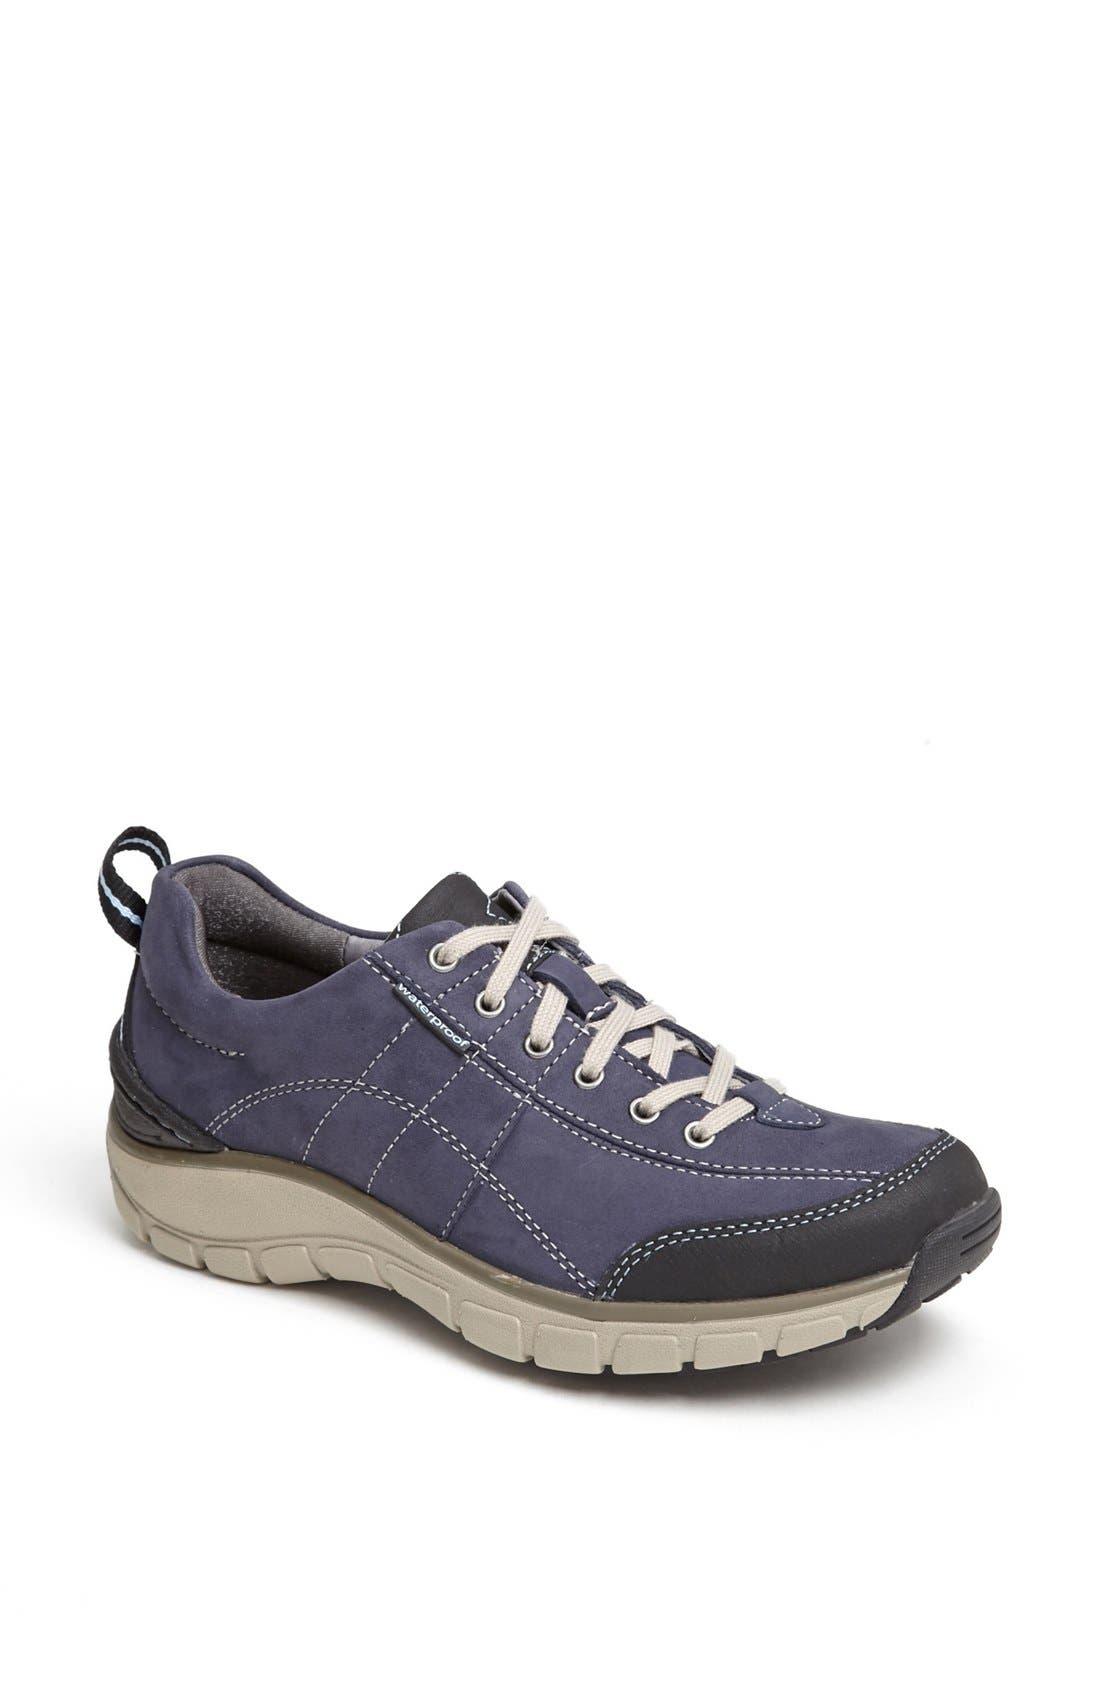 Alternate Image 1 Selected - Clarks® 'Wave Trek' Waterproof Sneaker